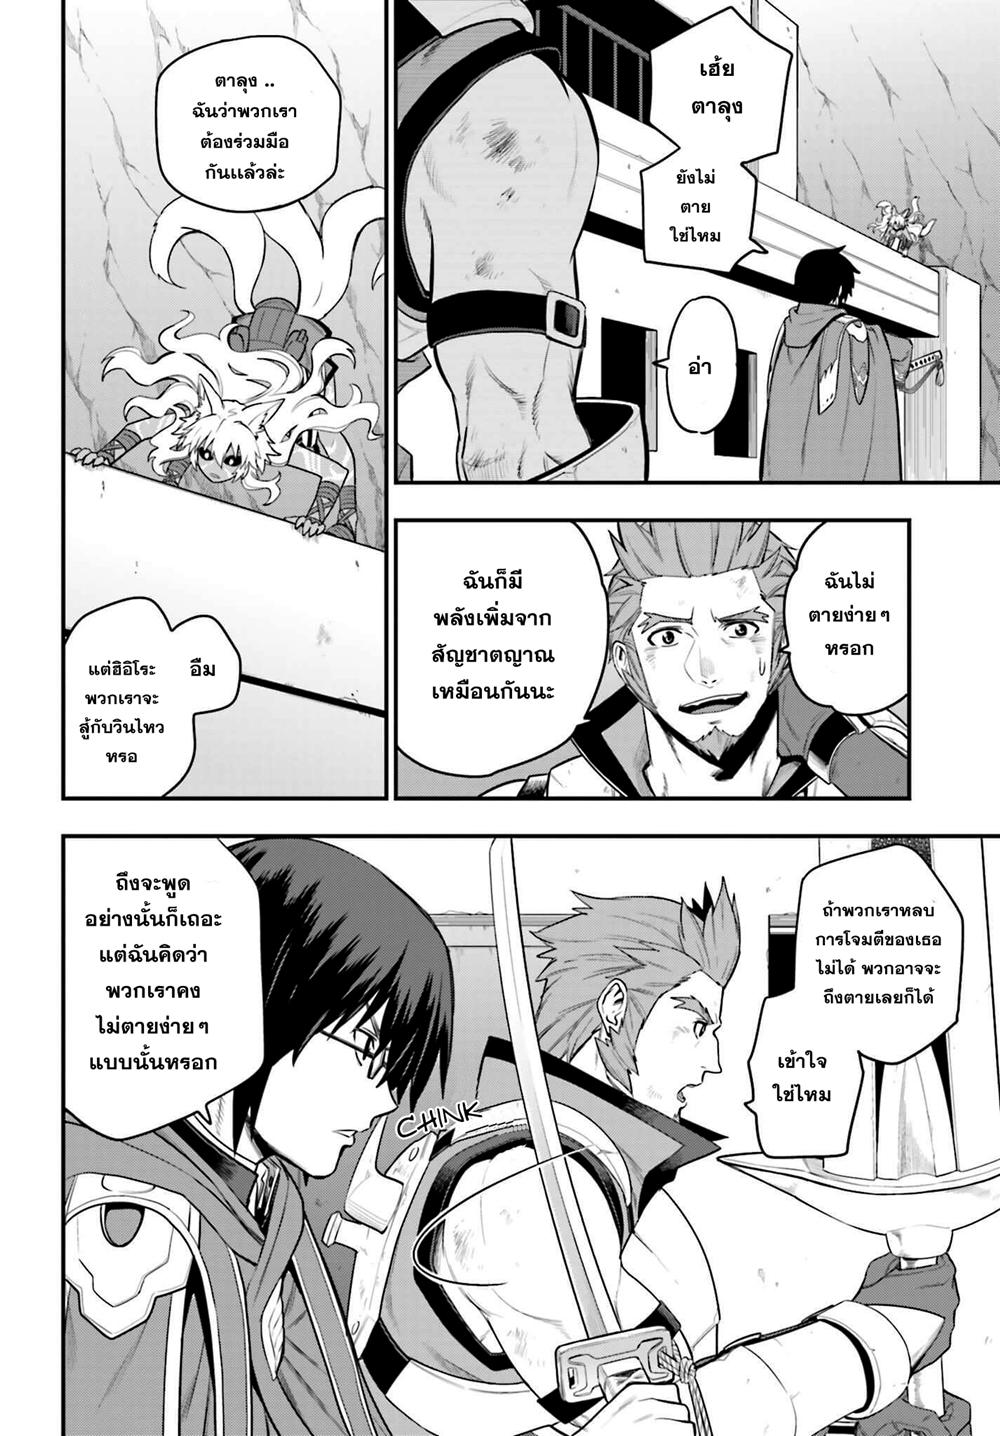 อ่านการ์ตูน Konjiki no Word Master 14 ภาพที่ 10